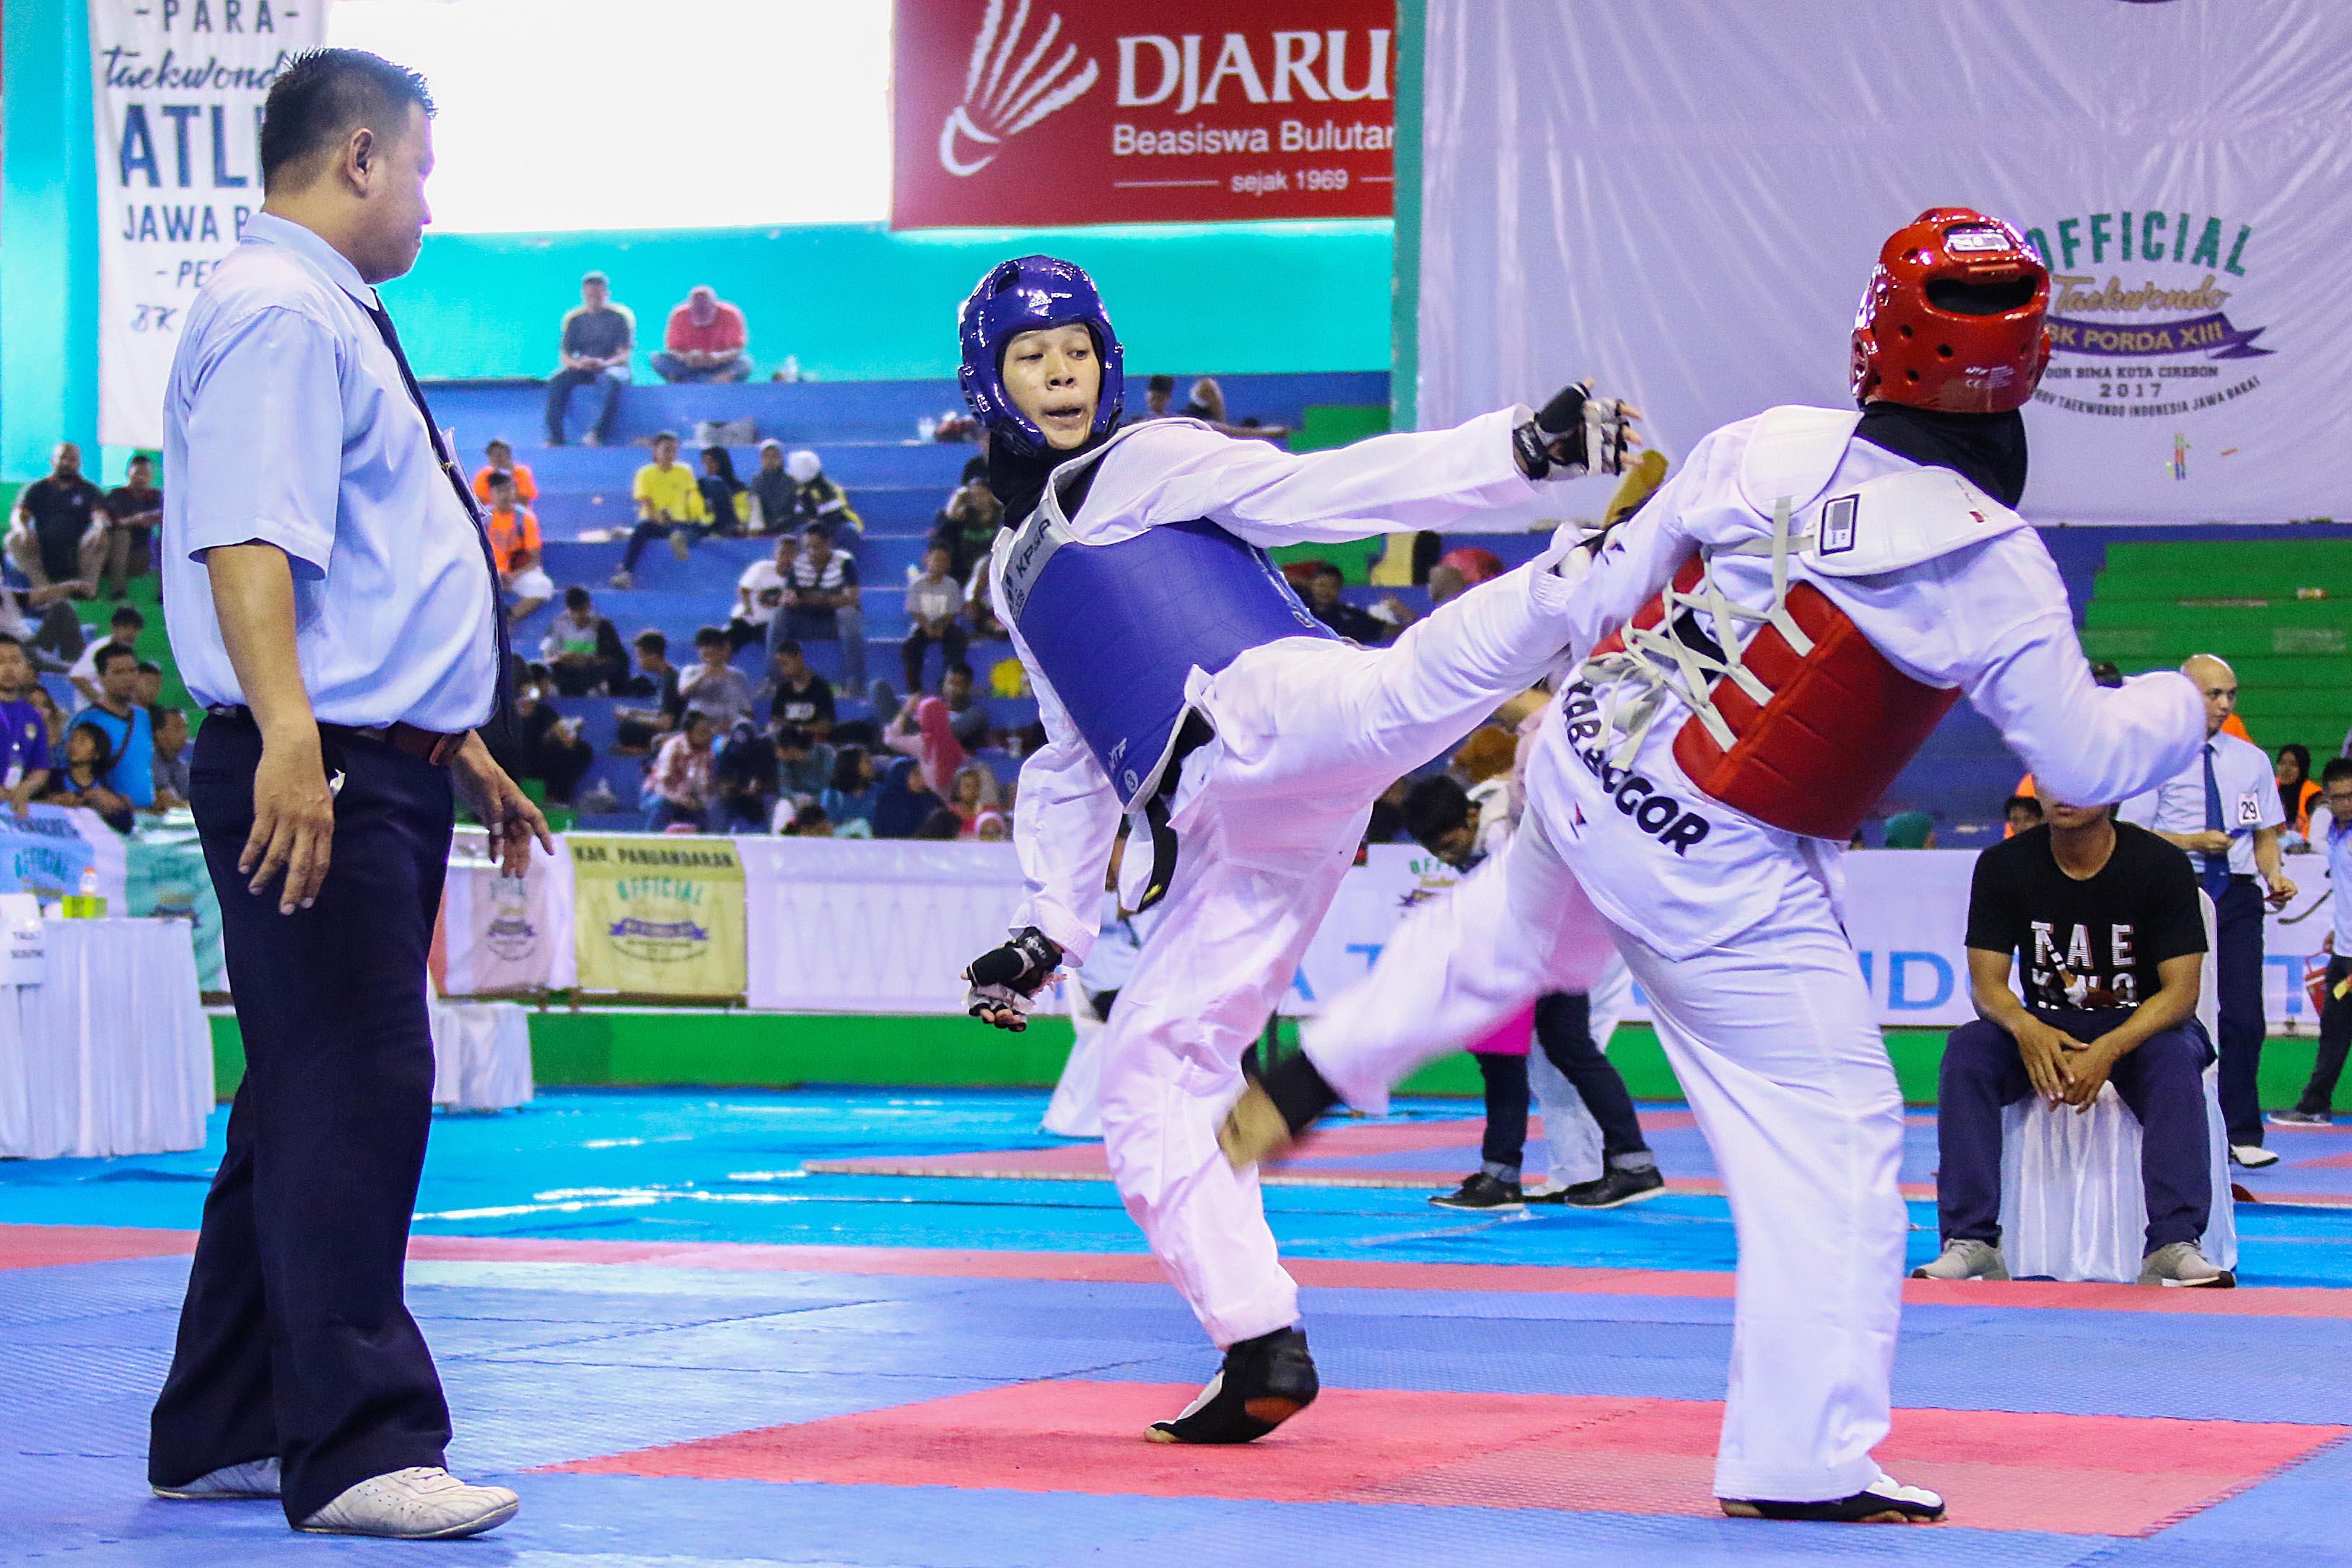 Ari Febrian (Sudut Biru), Taekwondoin Kota Depok saat sedang bertanding melawan Kab. Bogor di GOR Bima, Cirebon pada Minggu (15/10). Foto: Faruqi.